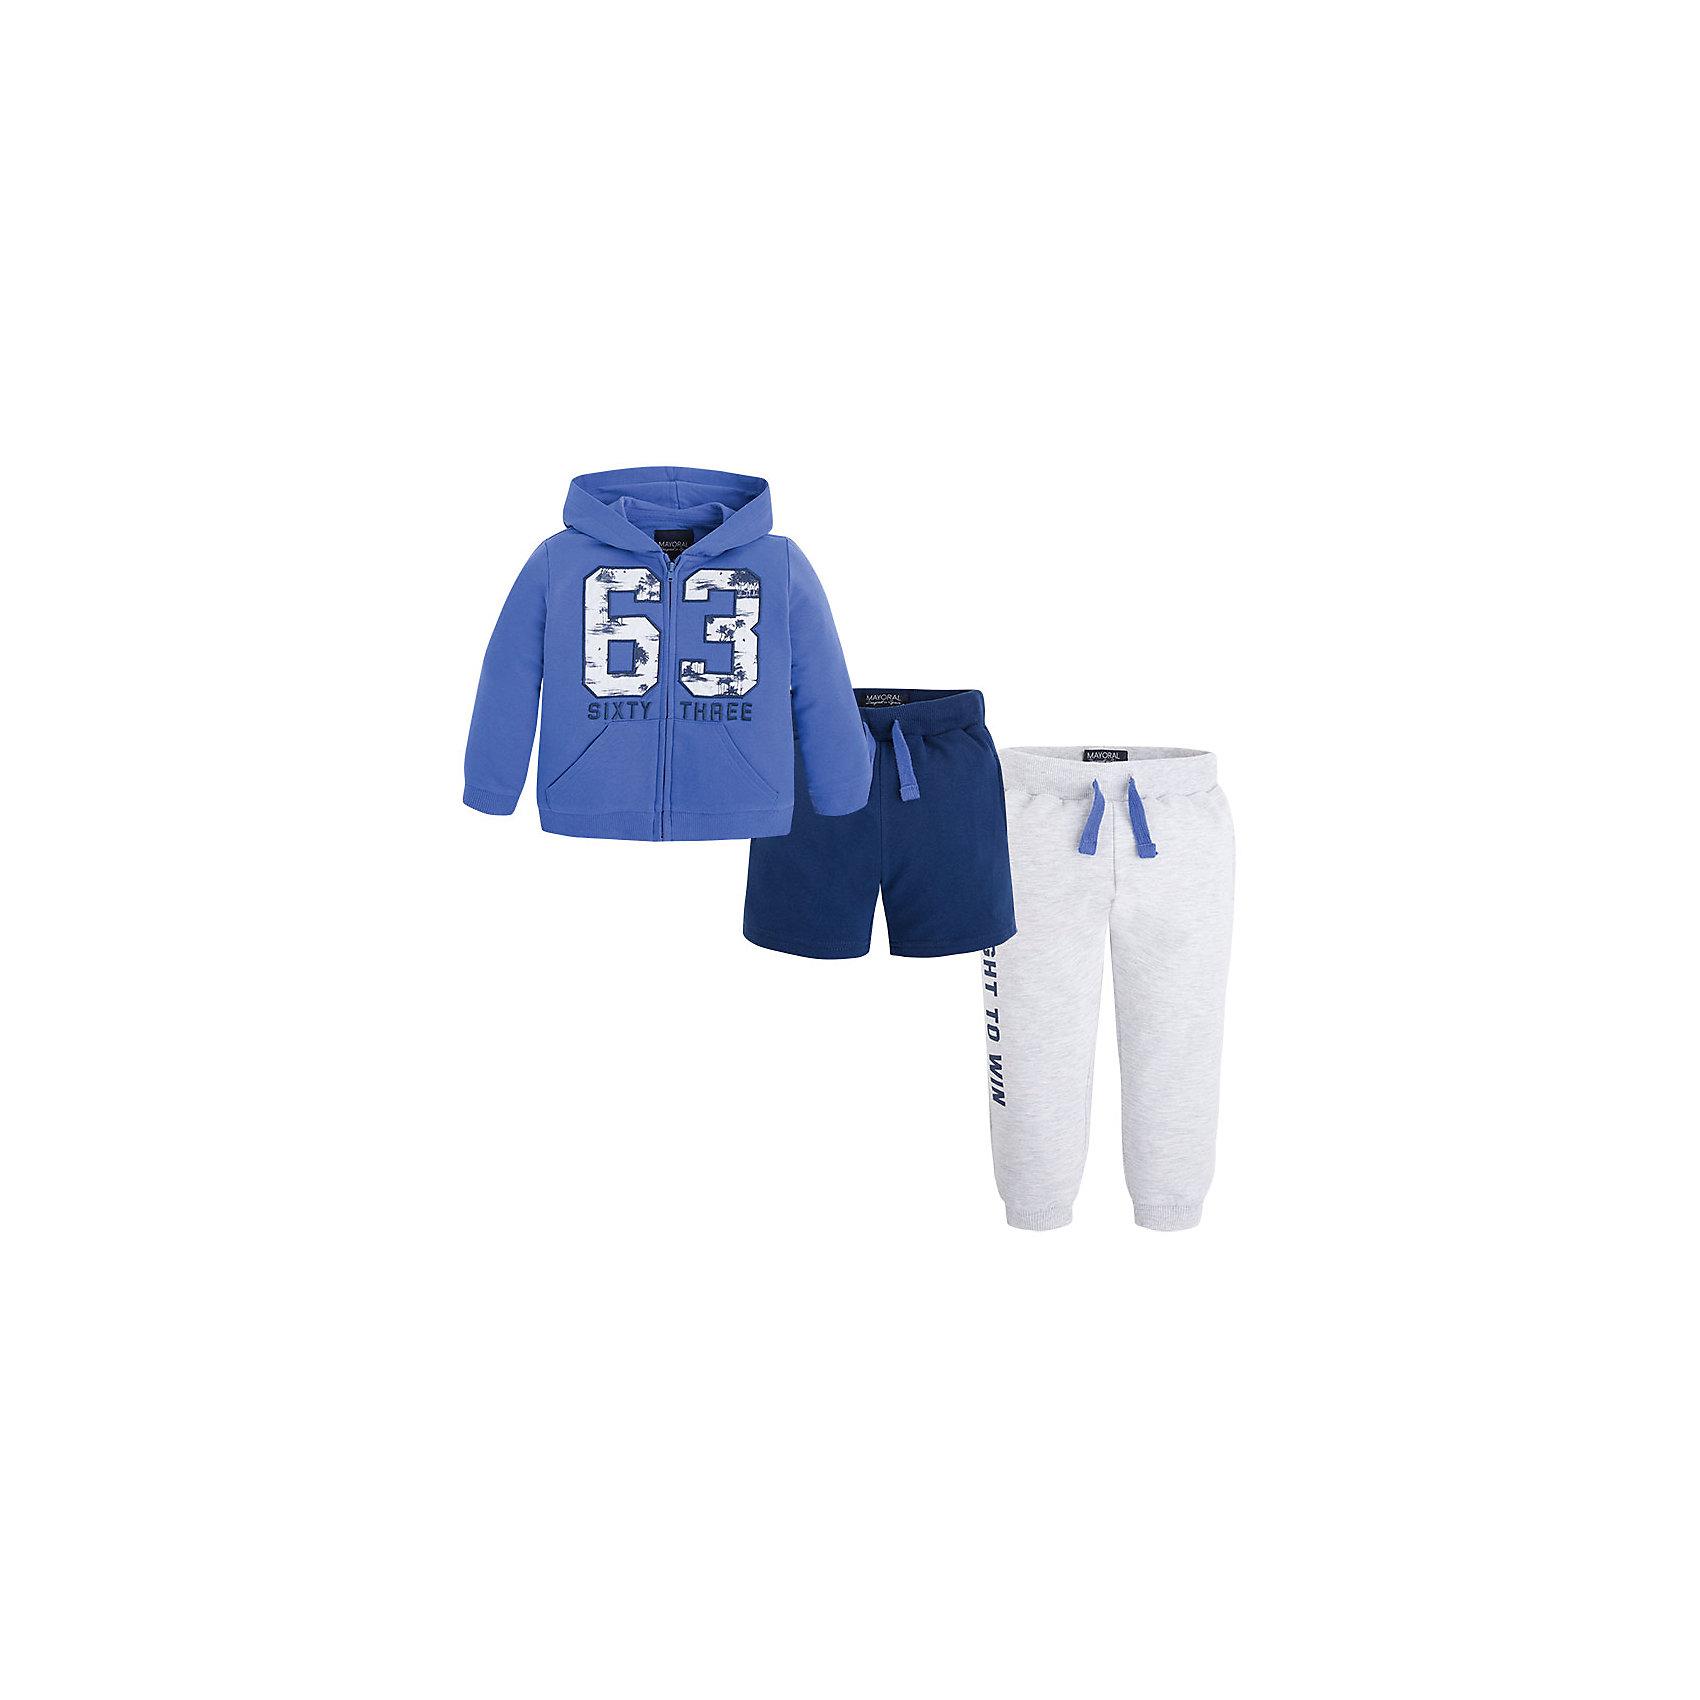 Спортивный костюм для мальчика MayoralСпортивный костюм  для мальчика от известной испанской марки Mayoral - прекрасный вариант для вашего юного спортсмена. <br><br>Дополнительная информация:<br><br>- Брюки, толстовка, шорты. <br>- Мягкая, приятная к телу ткань. <br>- Манжеты на рукавах и резинка по низу в рубчик.<br>- Капюшон. <br>- Застегивается на молнию.<br>- Надпись на груди и спине.<br>- 2 боковых кармана. <br>- Брюки и шорты на эластичном поясе с кулиской. <br>- Манжеты брючин в рубчик. <br>- Состав: 58% хлопок,  38% полиэстер, 4% эластан.<br><br>Спортивный костюм  для мальчика Mayoral (Майорал) можно купить в нашем магазине.<br><br>Ширина мм: 247<br>Глубина мм: 16<br>Высота мм: 140<br>Вес г: 225<br>Цвет: синий<br>Возраст от месяцев: 24<br>Возраст до месяцев: 36<br>Пол: Мужской<br>Возраст: Детский<br>Размер: 98,134,116,128,104,110,122<br>SKU: 4542993